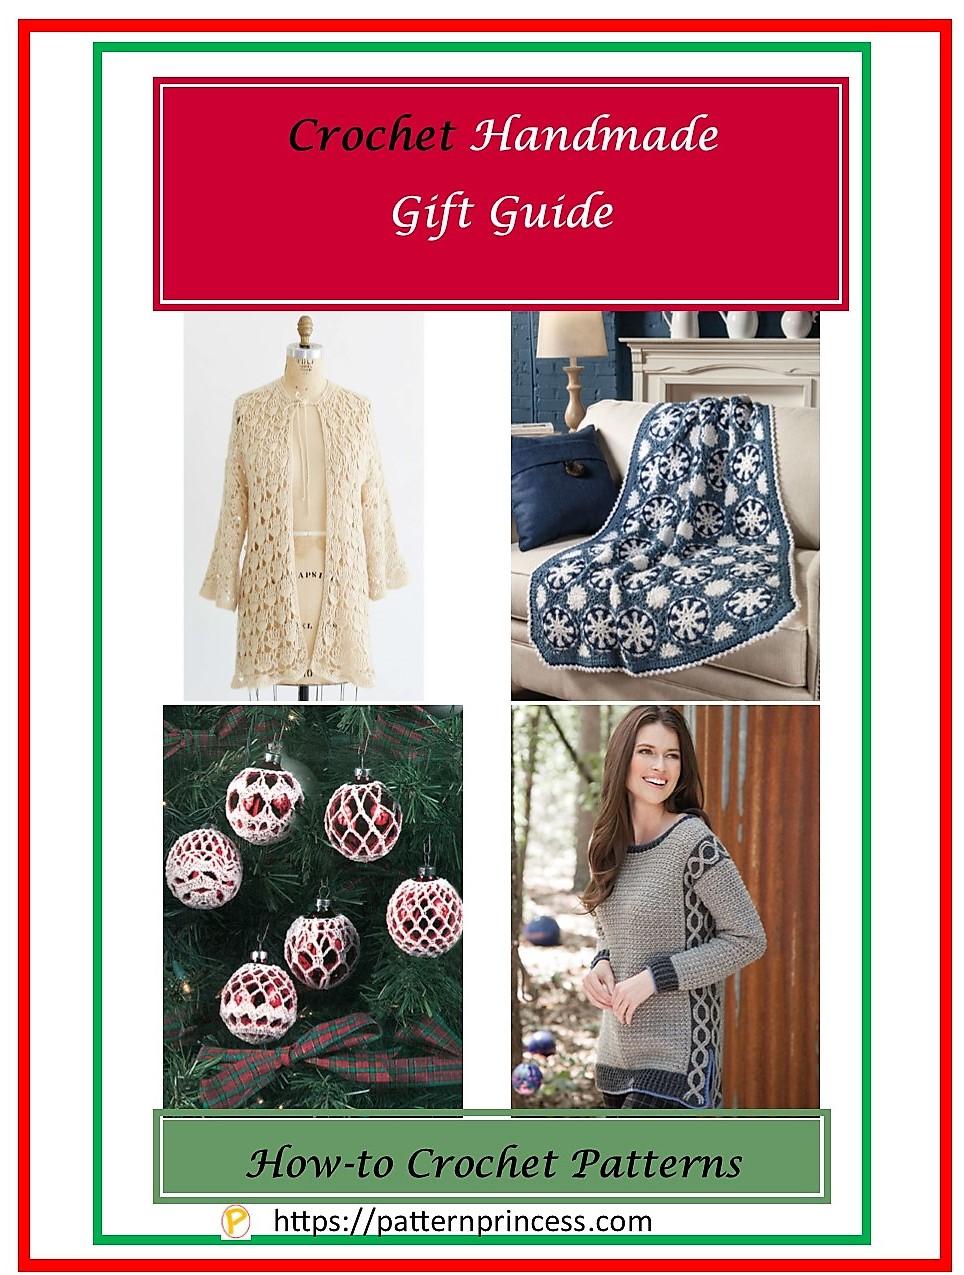 Crochet Pattern Handmade Christmas Guide 1